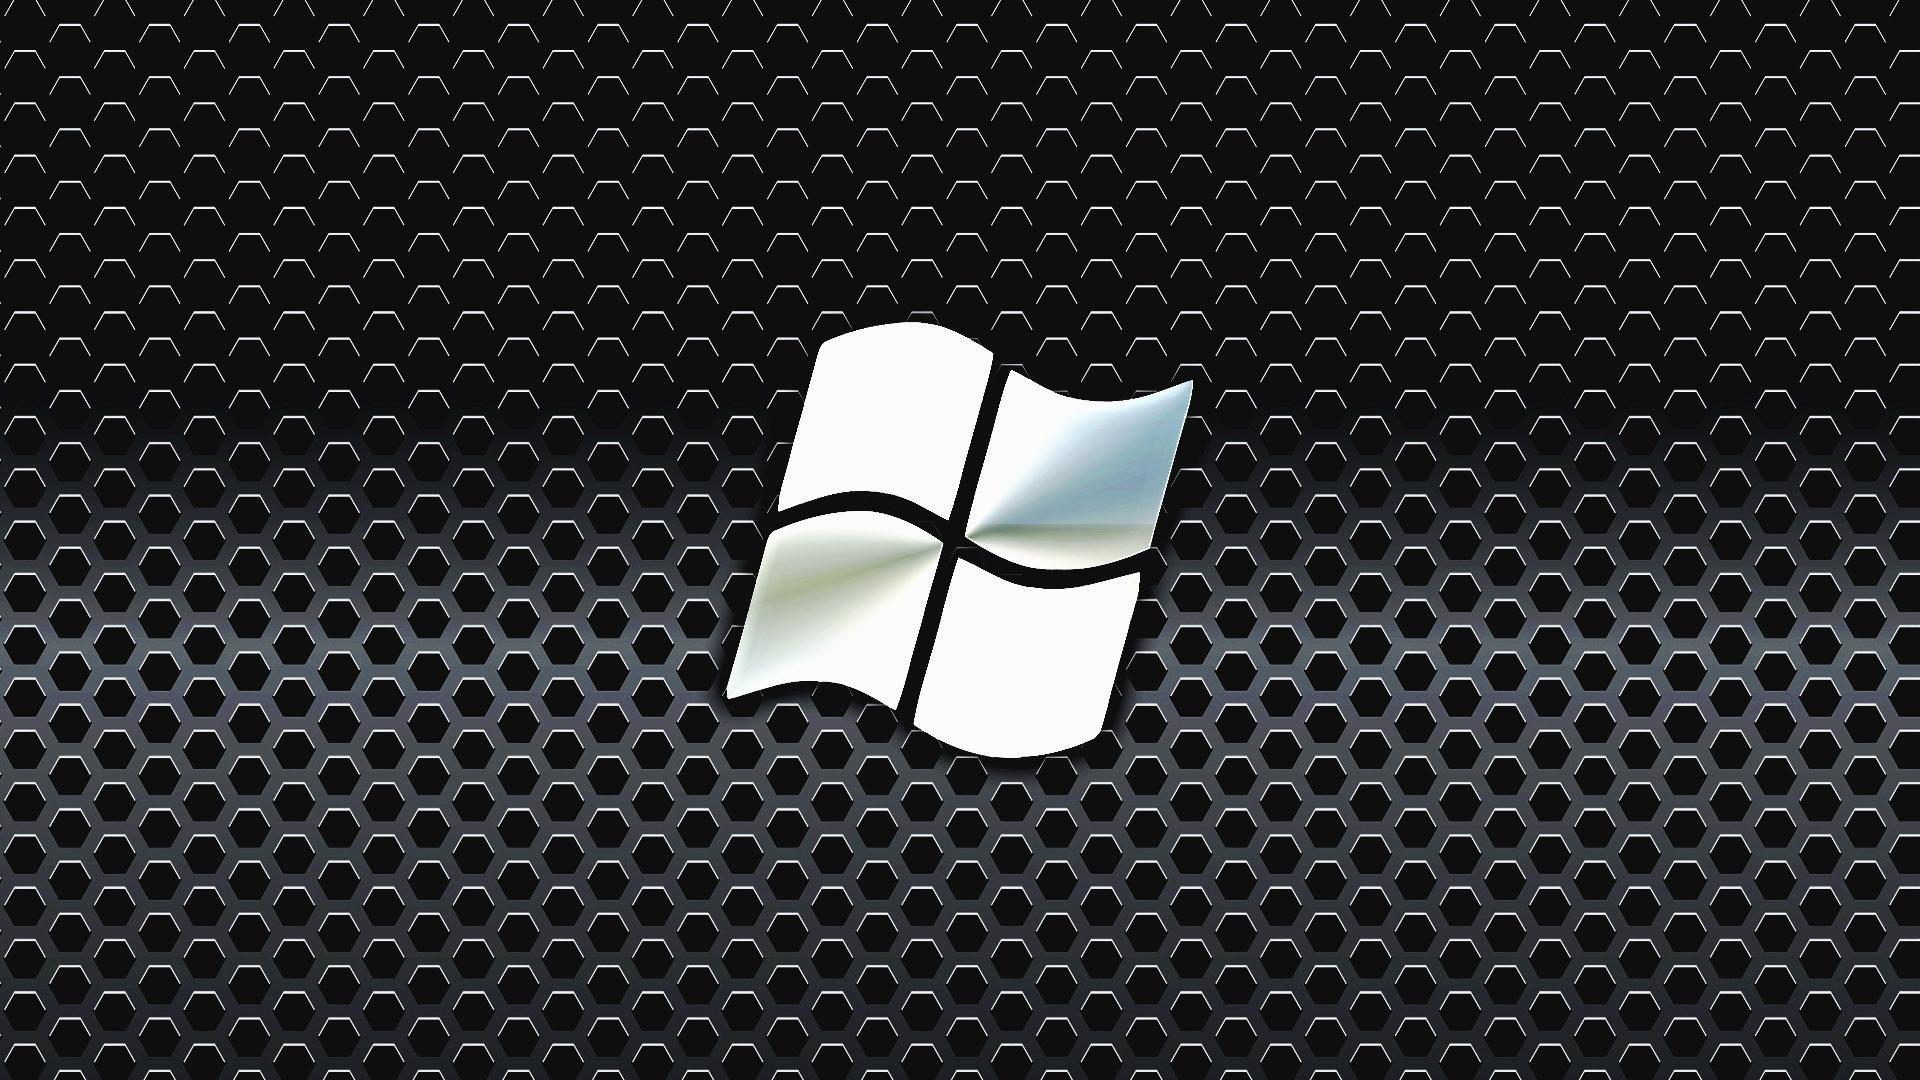 Carbon-Fiber-Background-HD-desktop-High-Definition-1920%